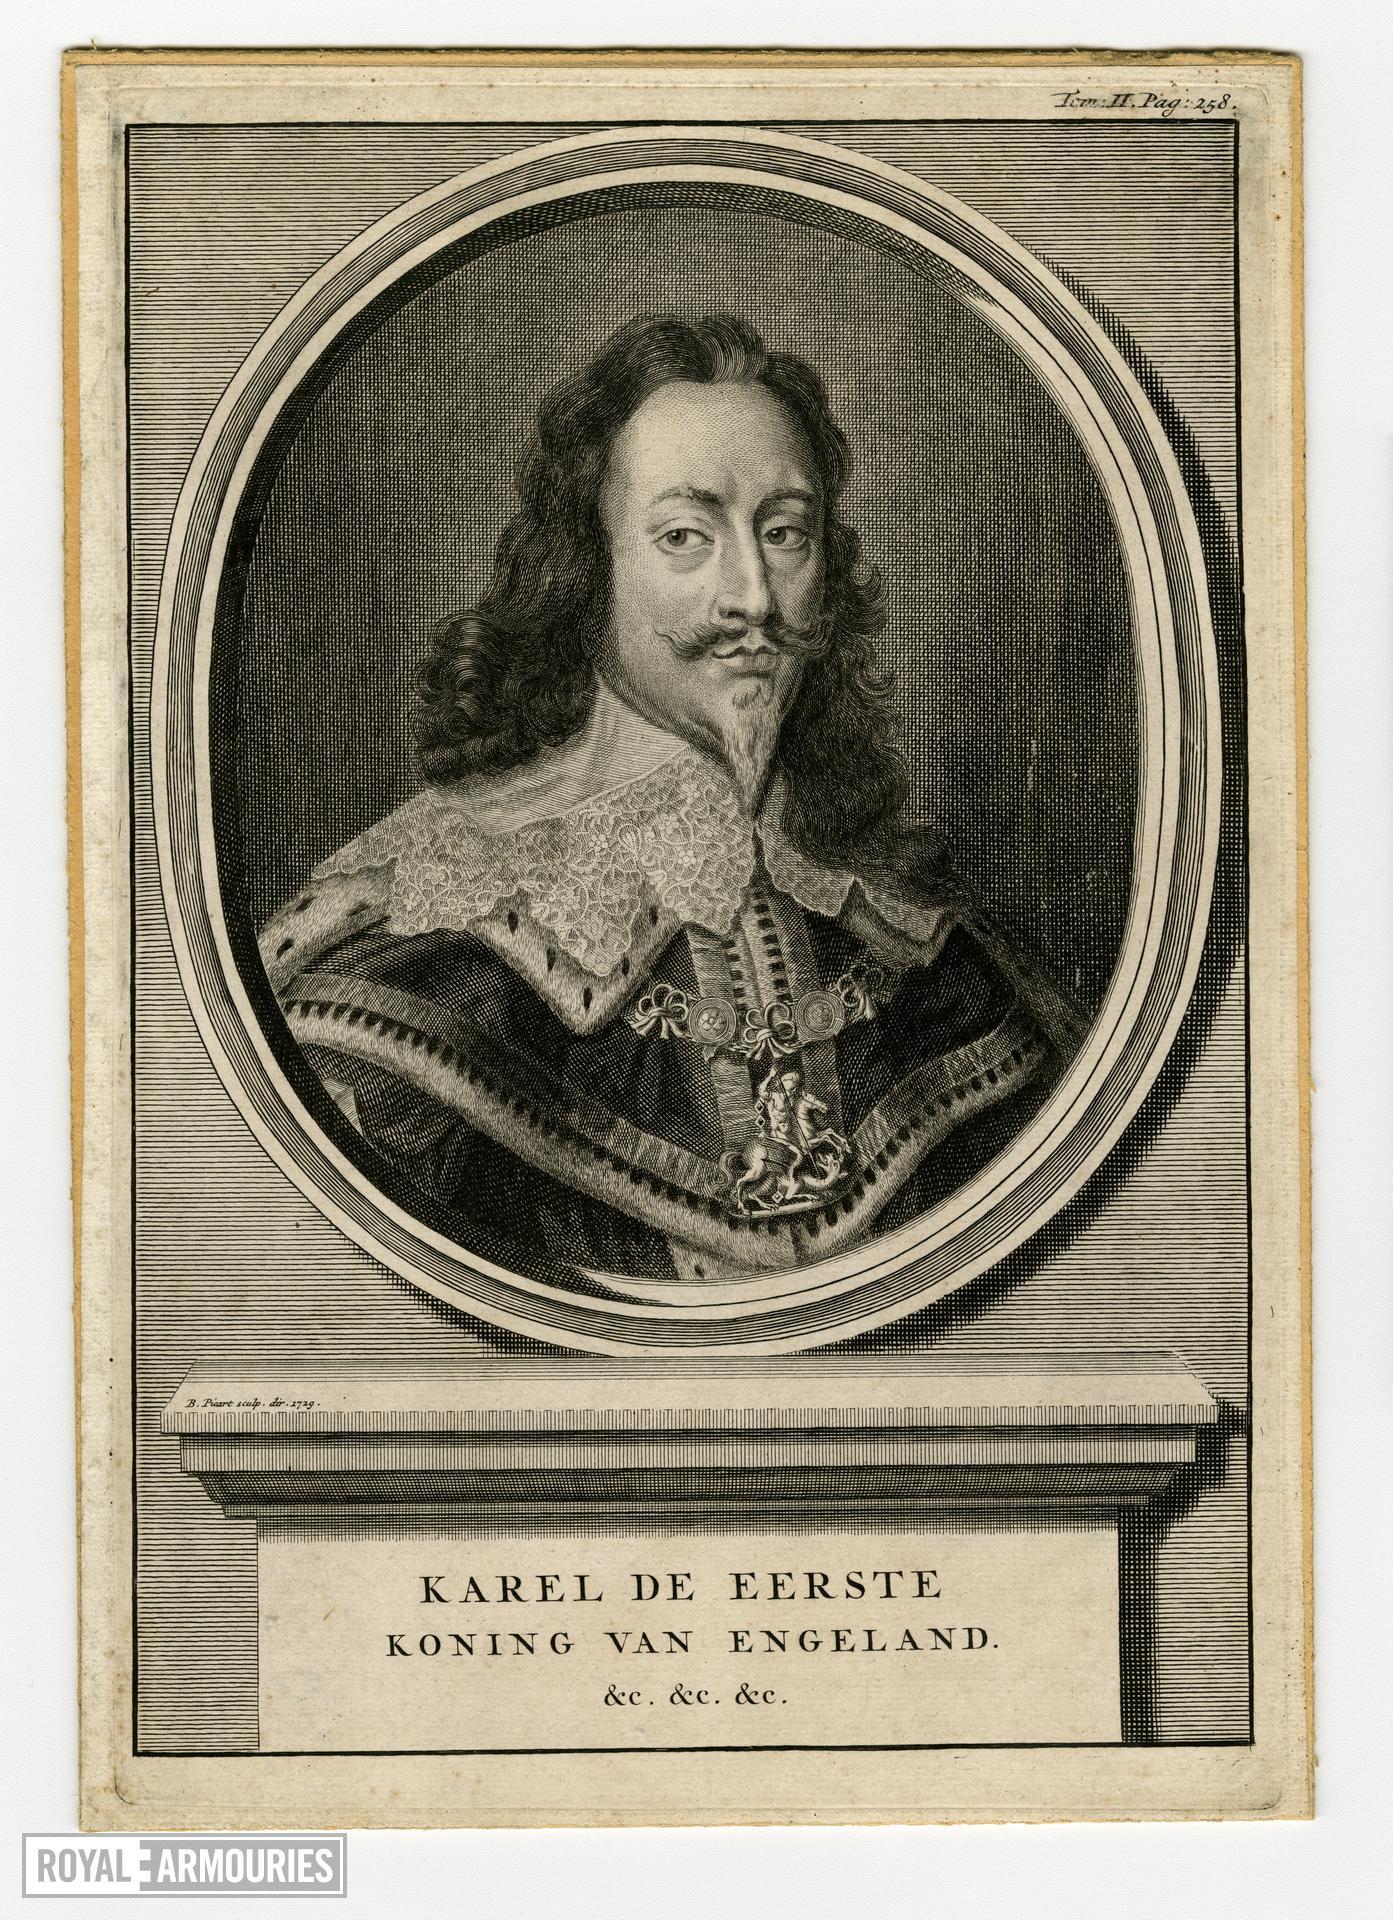 Engraving of Karel de Eerste, Koning van Engeland